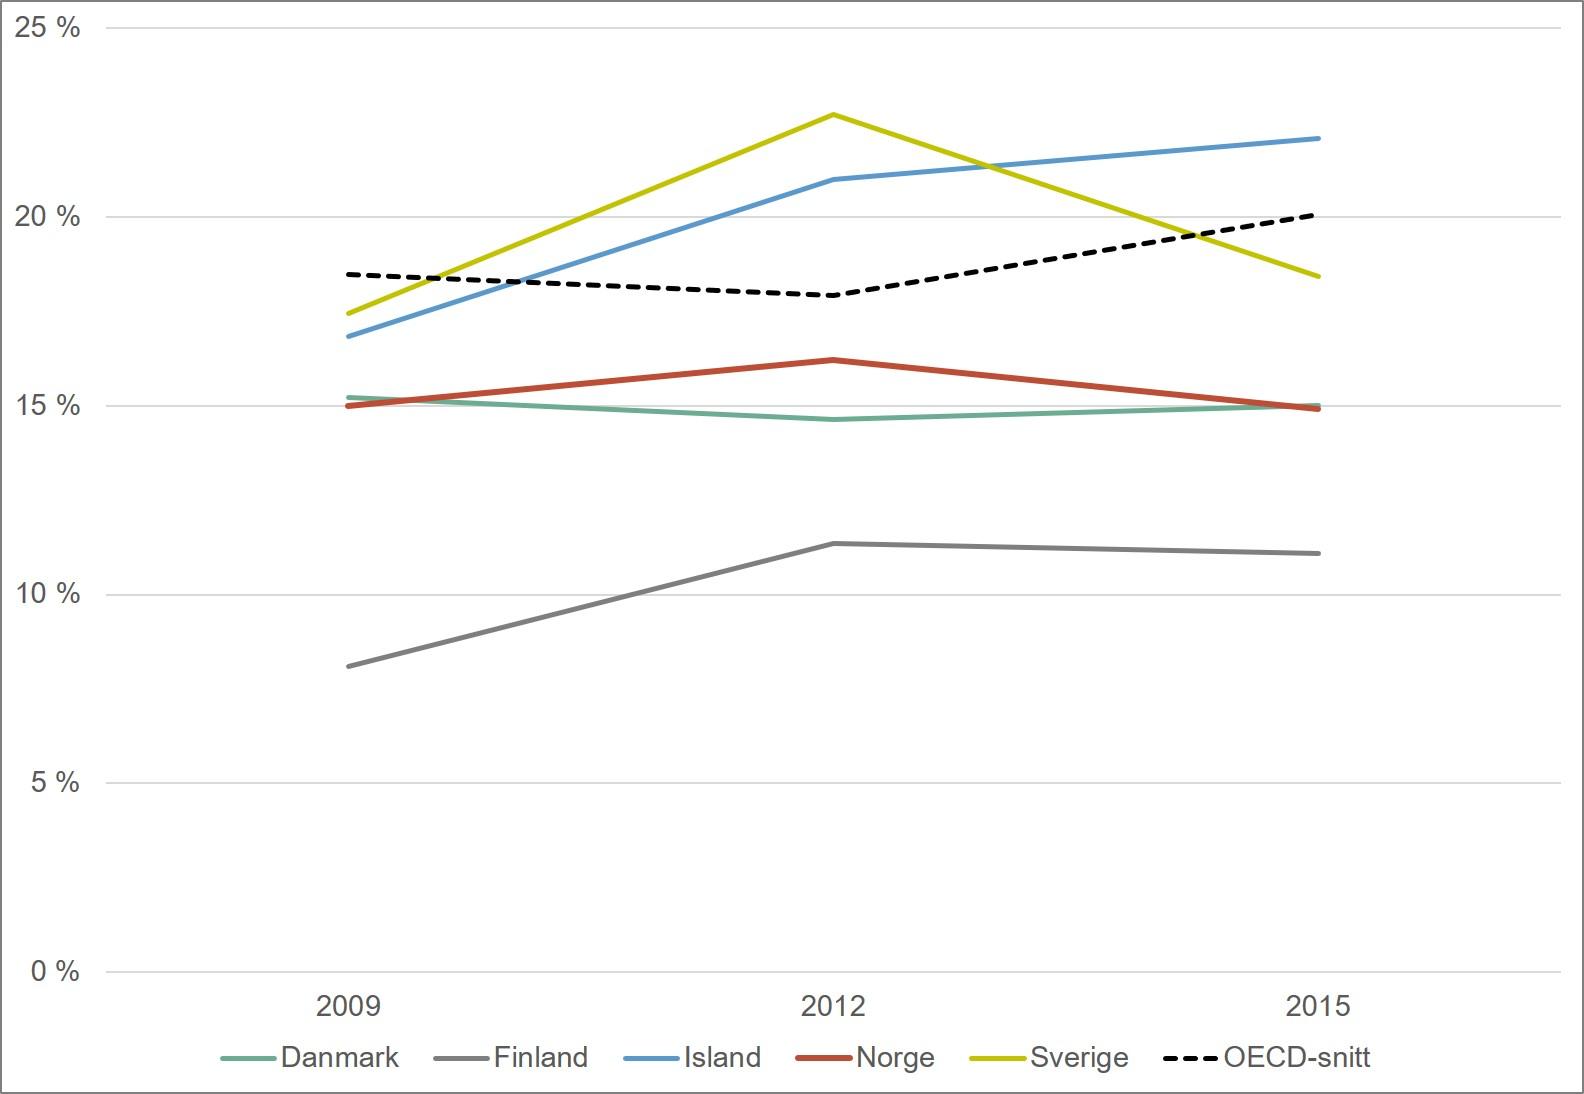 Andel elever som skårer under nivå 2 på PISA-testen i lesing. Nordiske land og OECD. 2009-2015. Merknad: OECD har blitt utvidet i perioden 2009-2015, slik at OECD-snittet ikke er helt sammenliknbart over denne perioden.